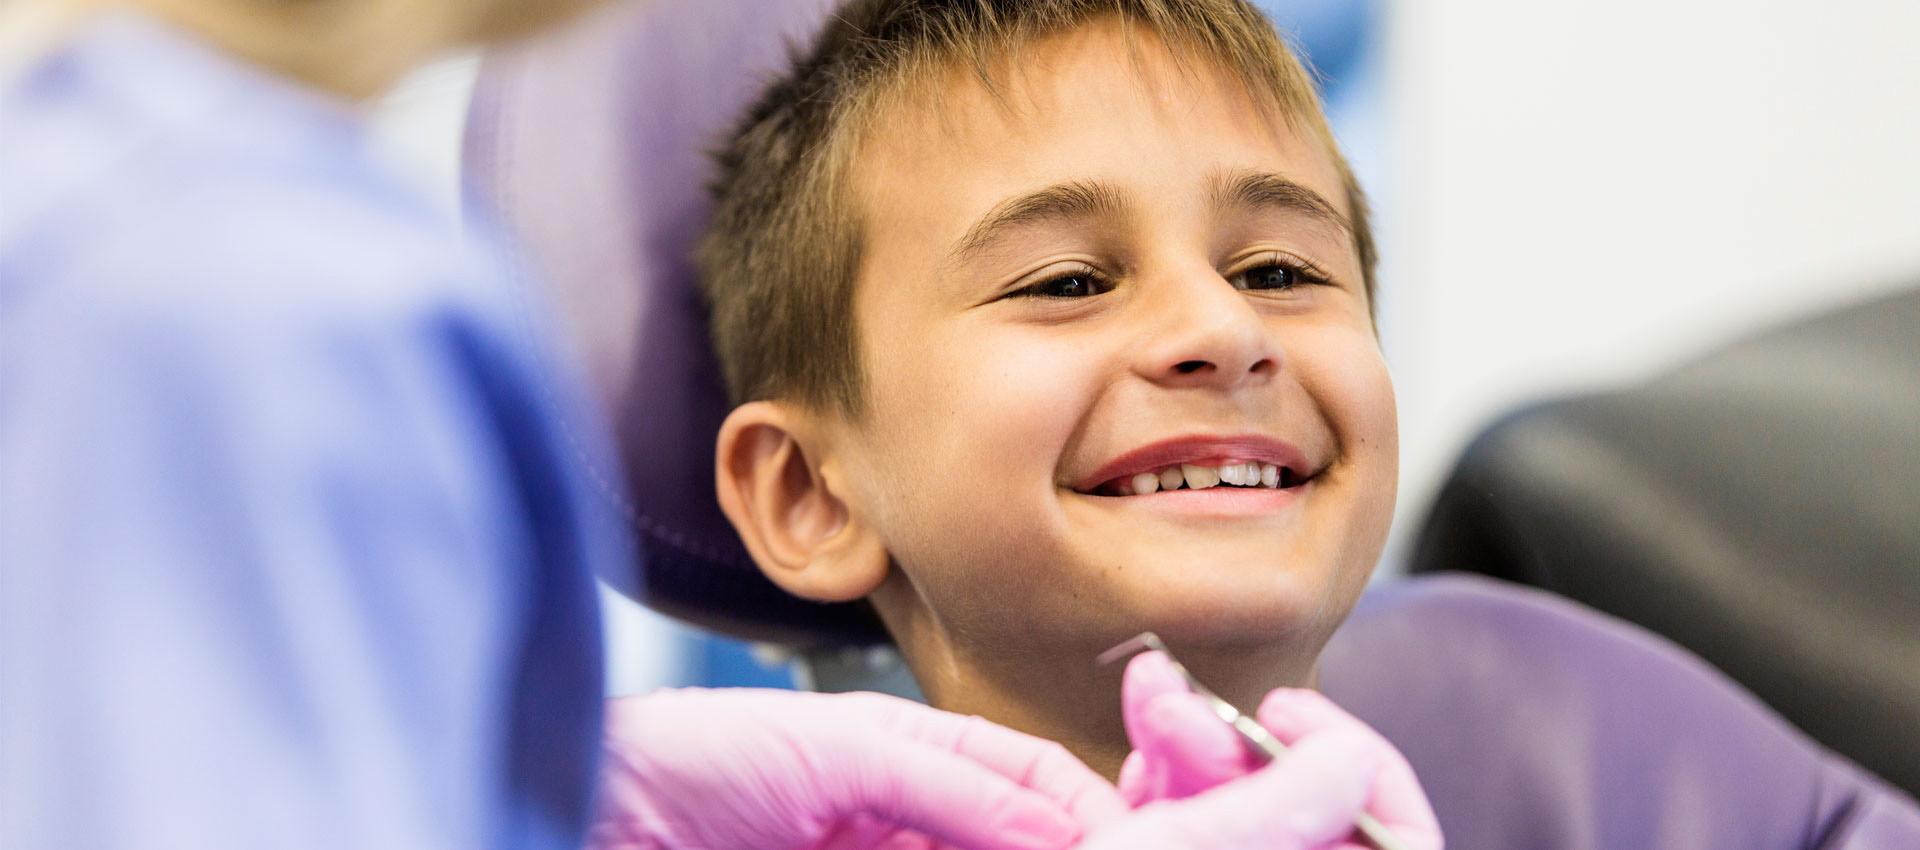 Sevgi Ağız ve Diş Sağlığı Polikliniği | İmplantoloji | Cerrahi | Ortodonti | Lazer Destekli Diş Hekimliği | Estetik Diş Hekimliği |Çocuk Diş Hekimliği | Protez | Kompozit Dolgu ve Kanal Tedavisi | Diş Eti Hastalığı Periodontoloji | Oral Diagnoz Radyoloji